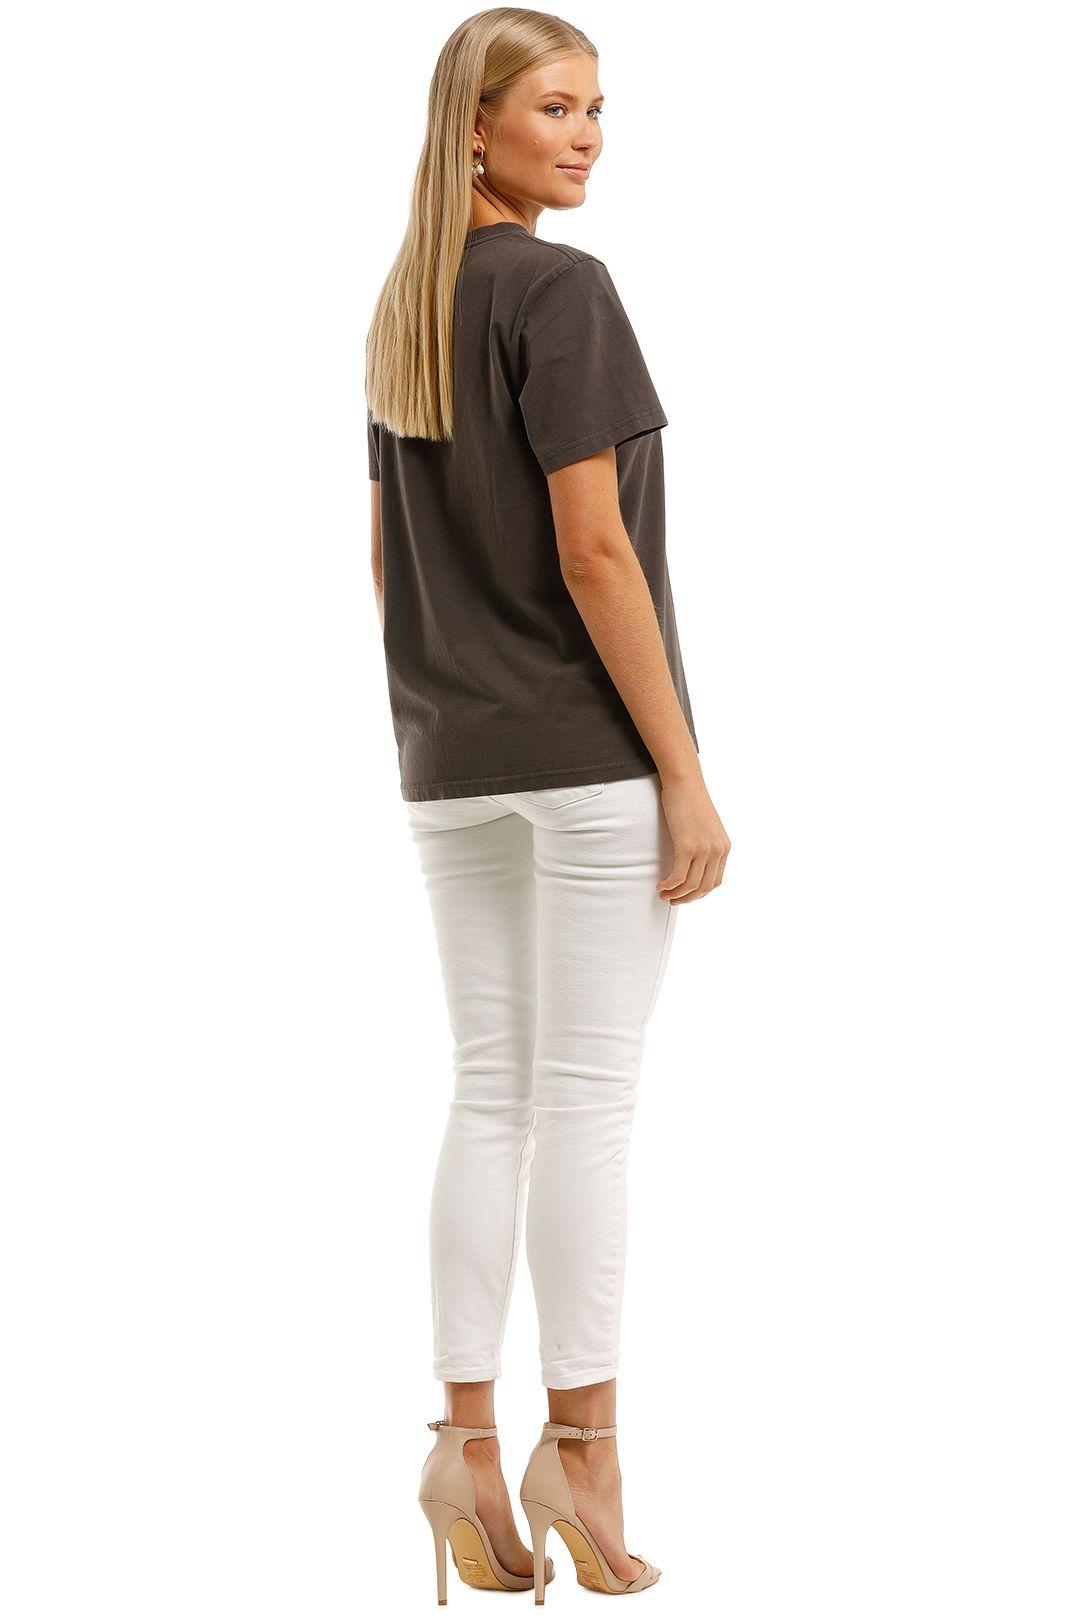 Ena-Pelly-Script-Logo-Tee-Faded-Black-Back